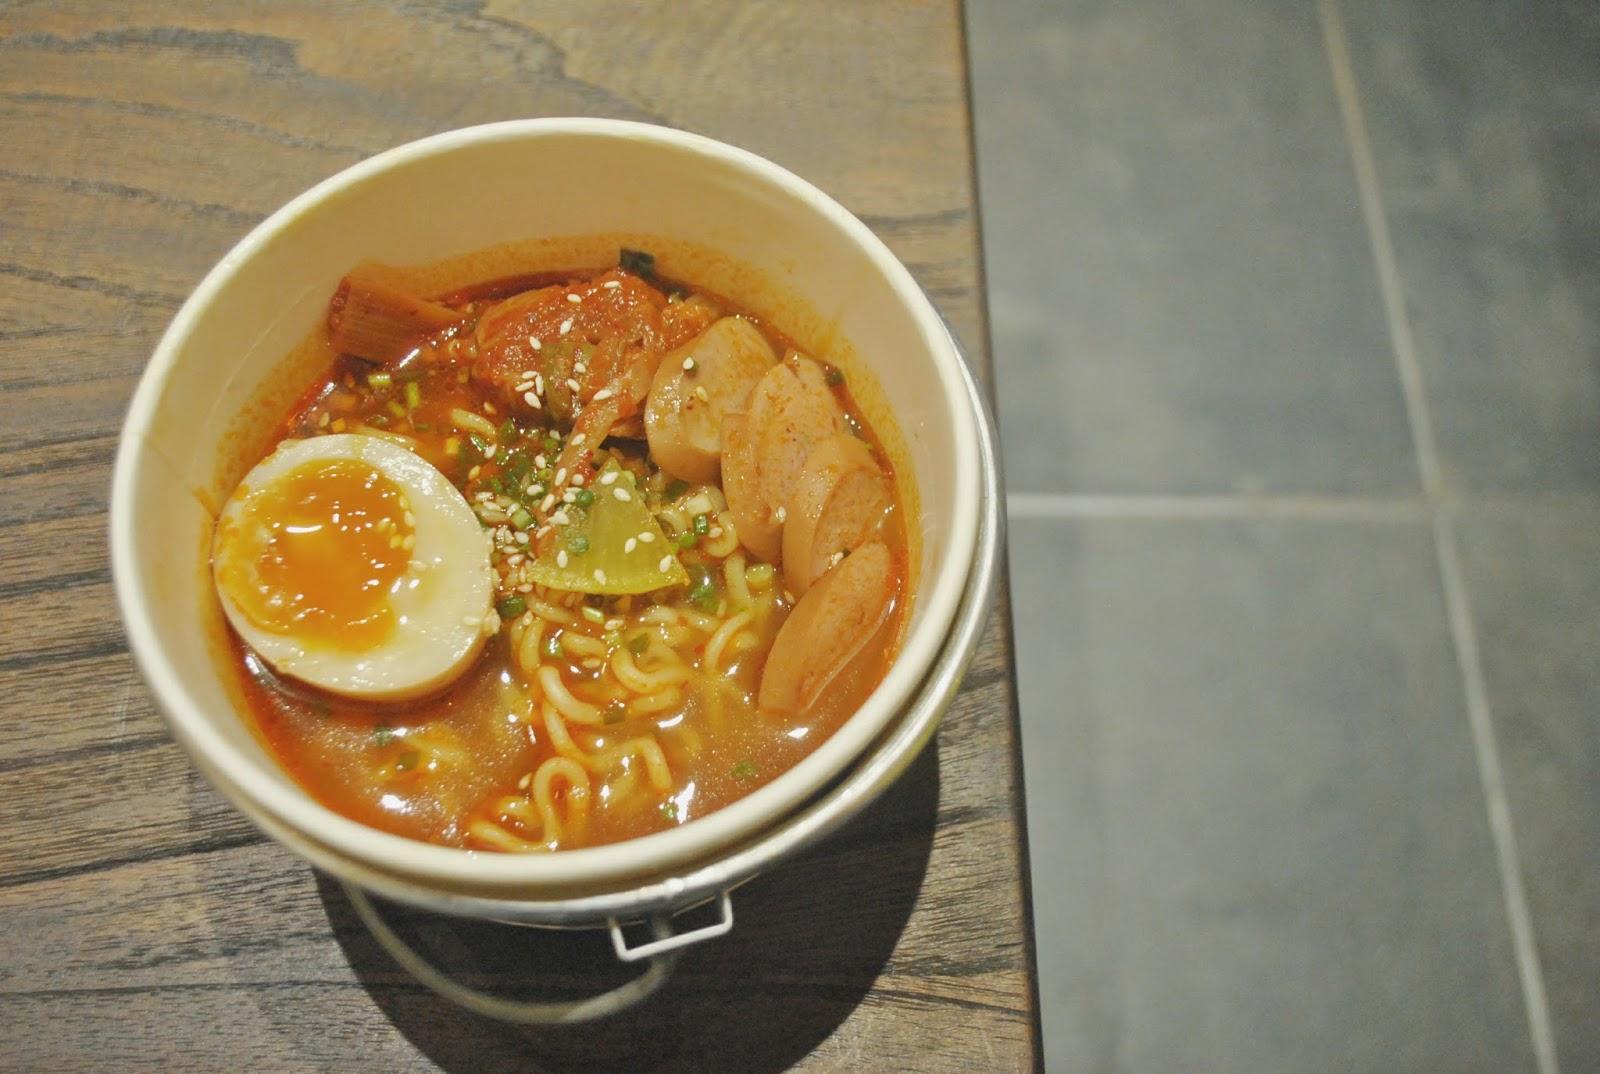 Sinsa Ramyun Kemang : Kuning-kuning Gemay - Kimchi Ramyun Soup 1